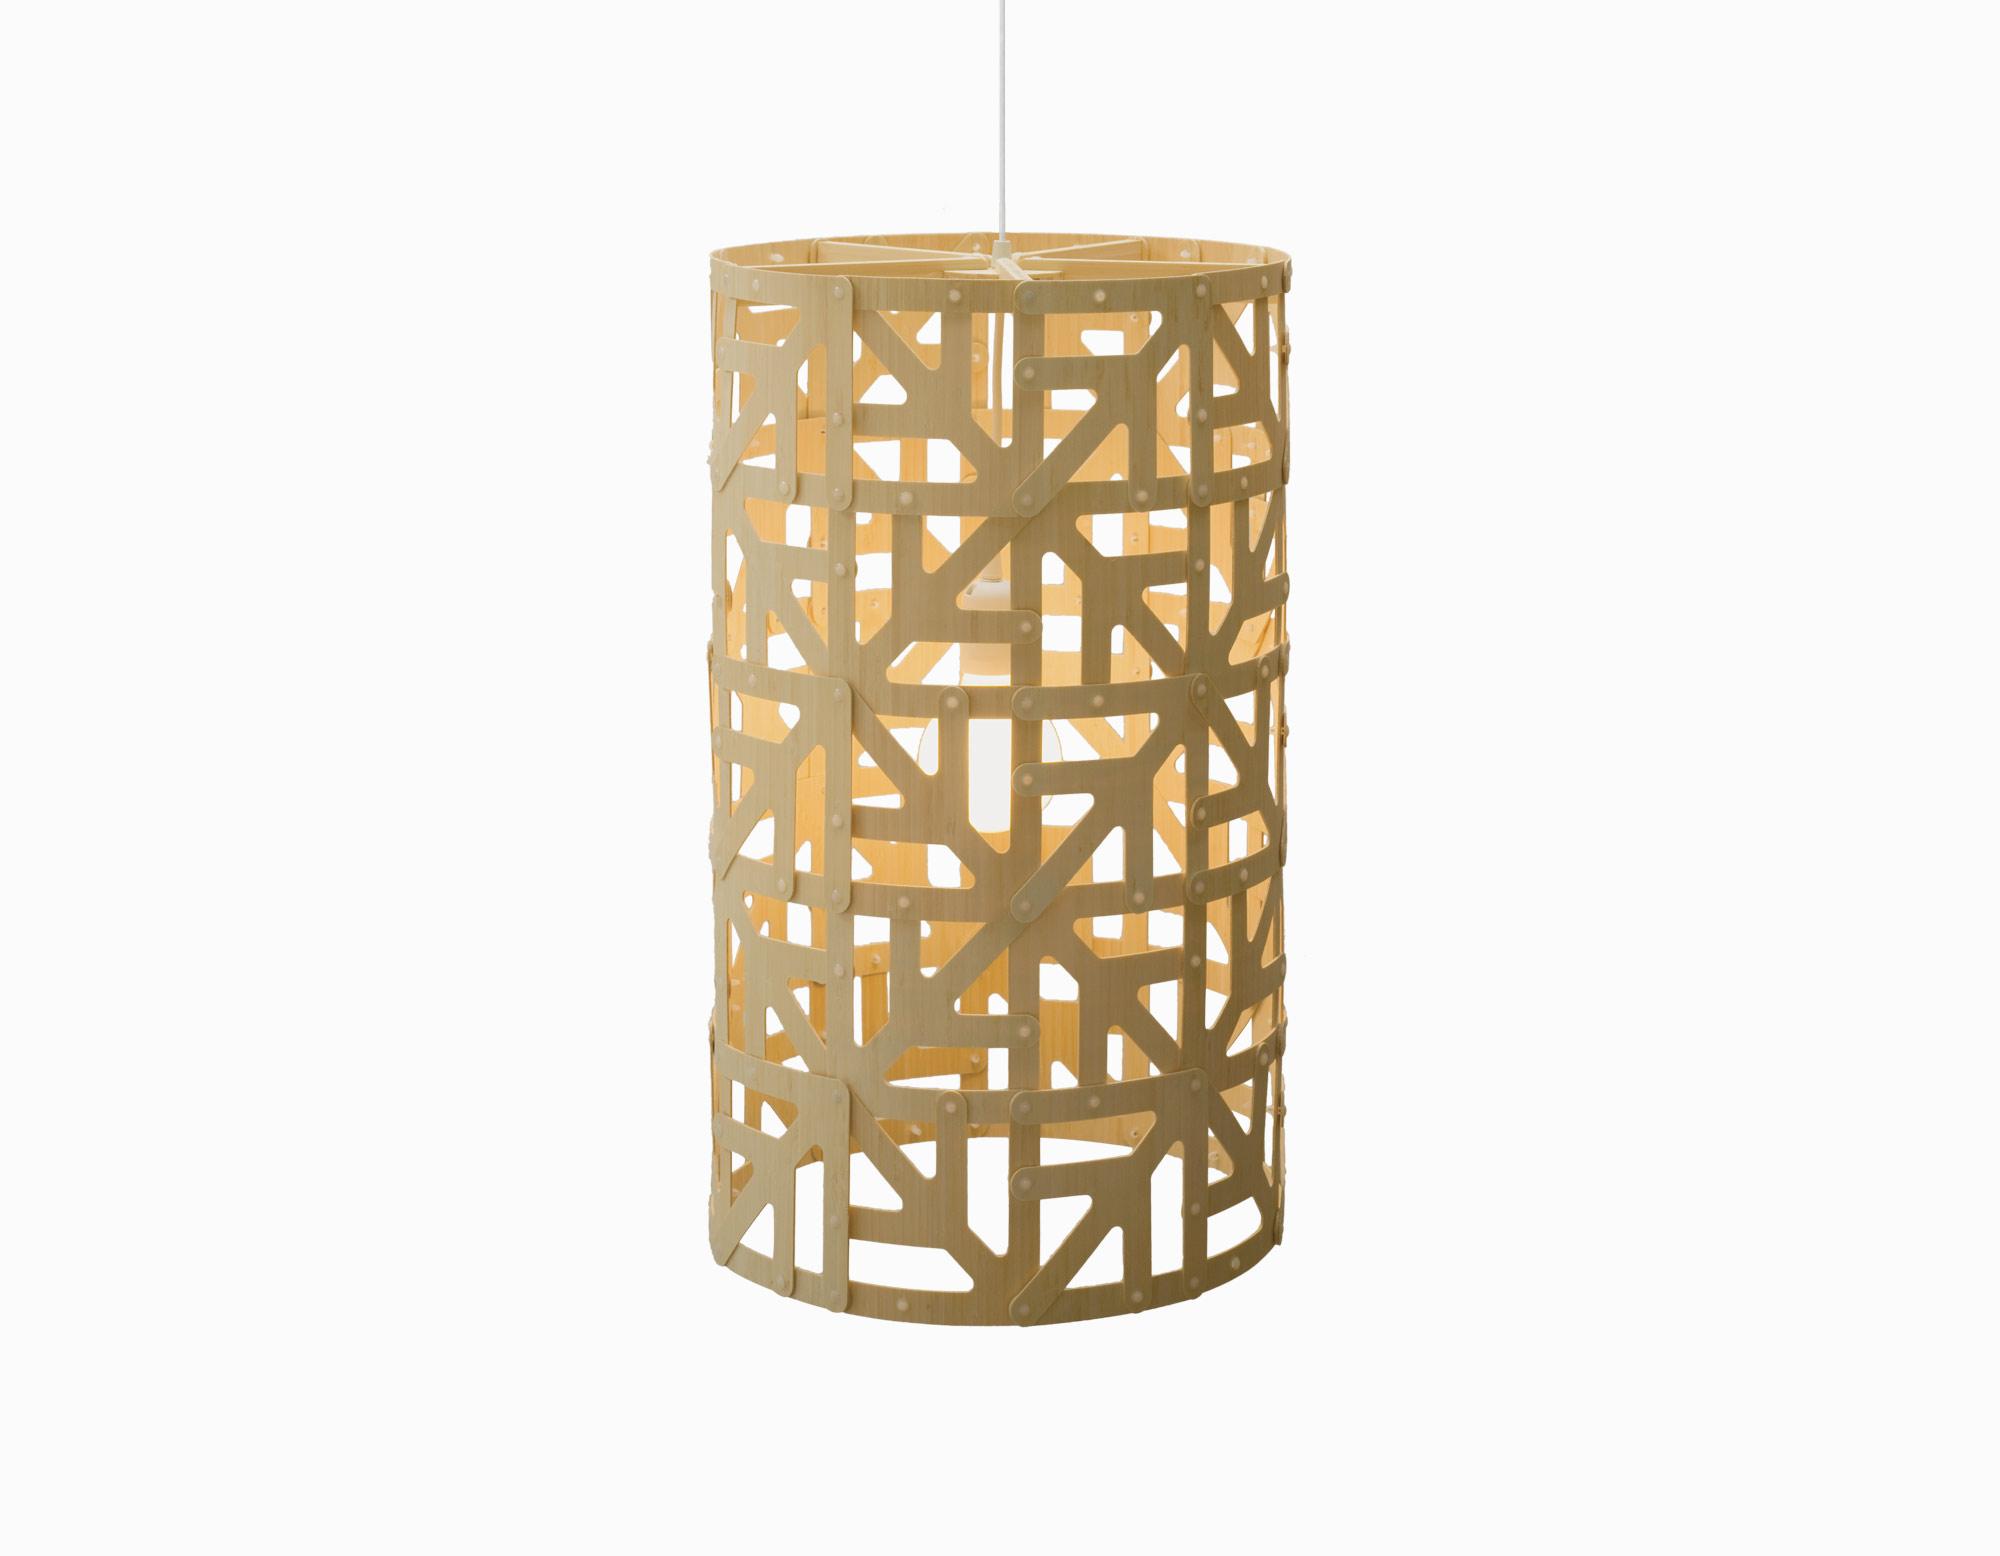 Ulu Full Bamboo Kitset, Natural/ Natural, $975